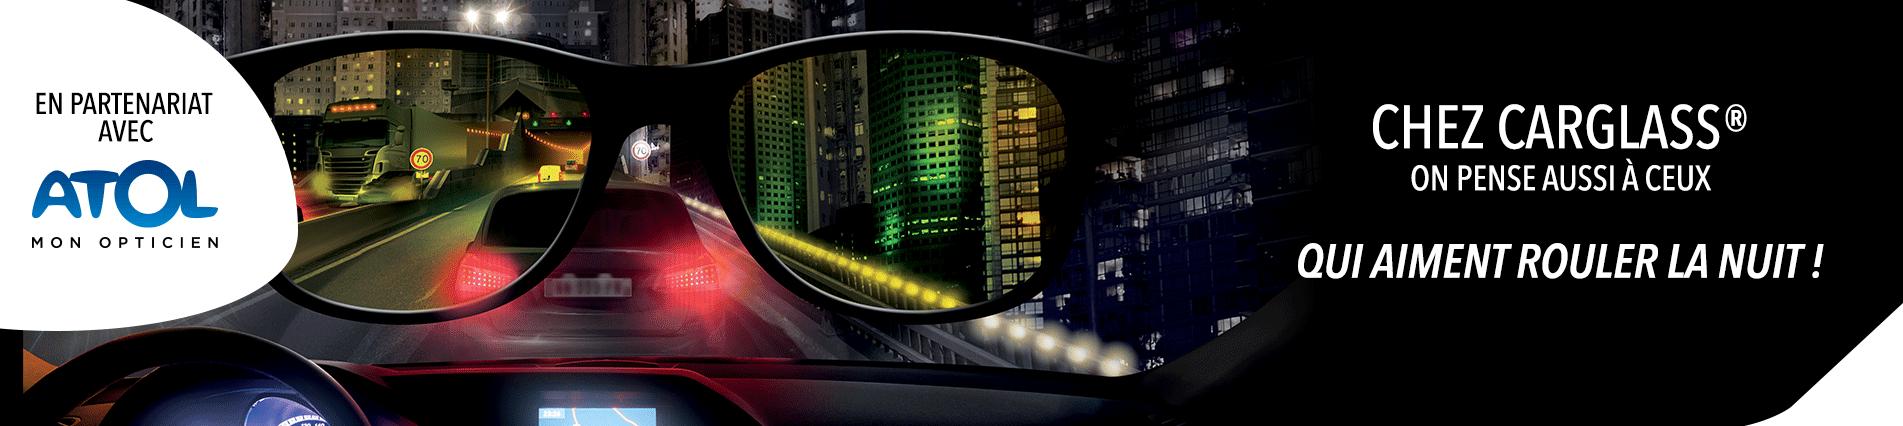 carglass vous offre vos lunettes de conduite de nuit atol